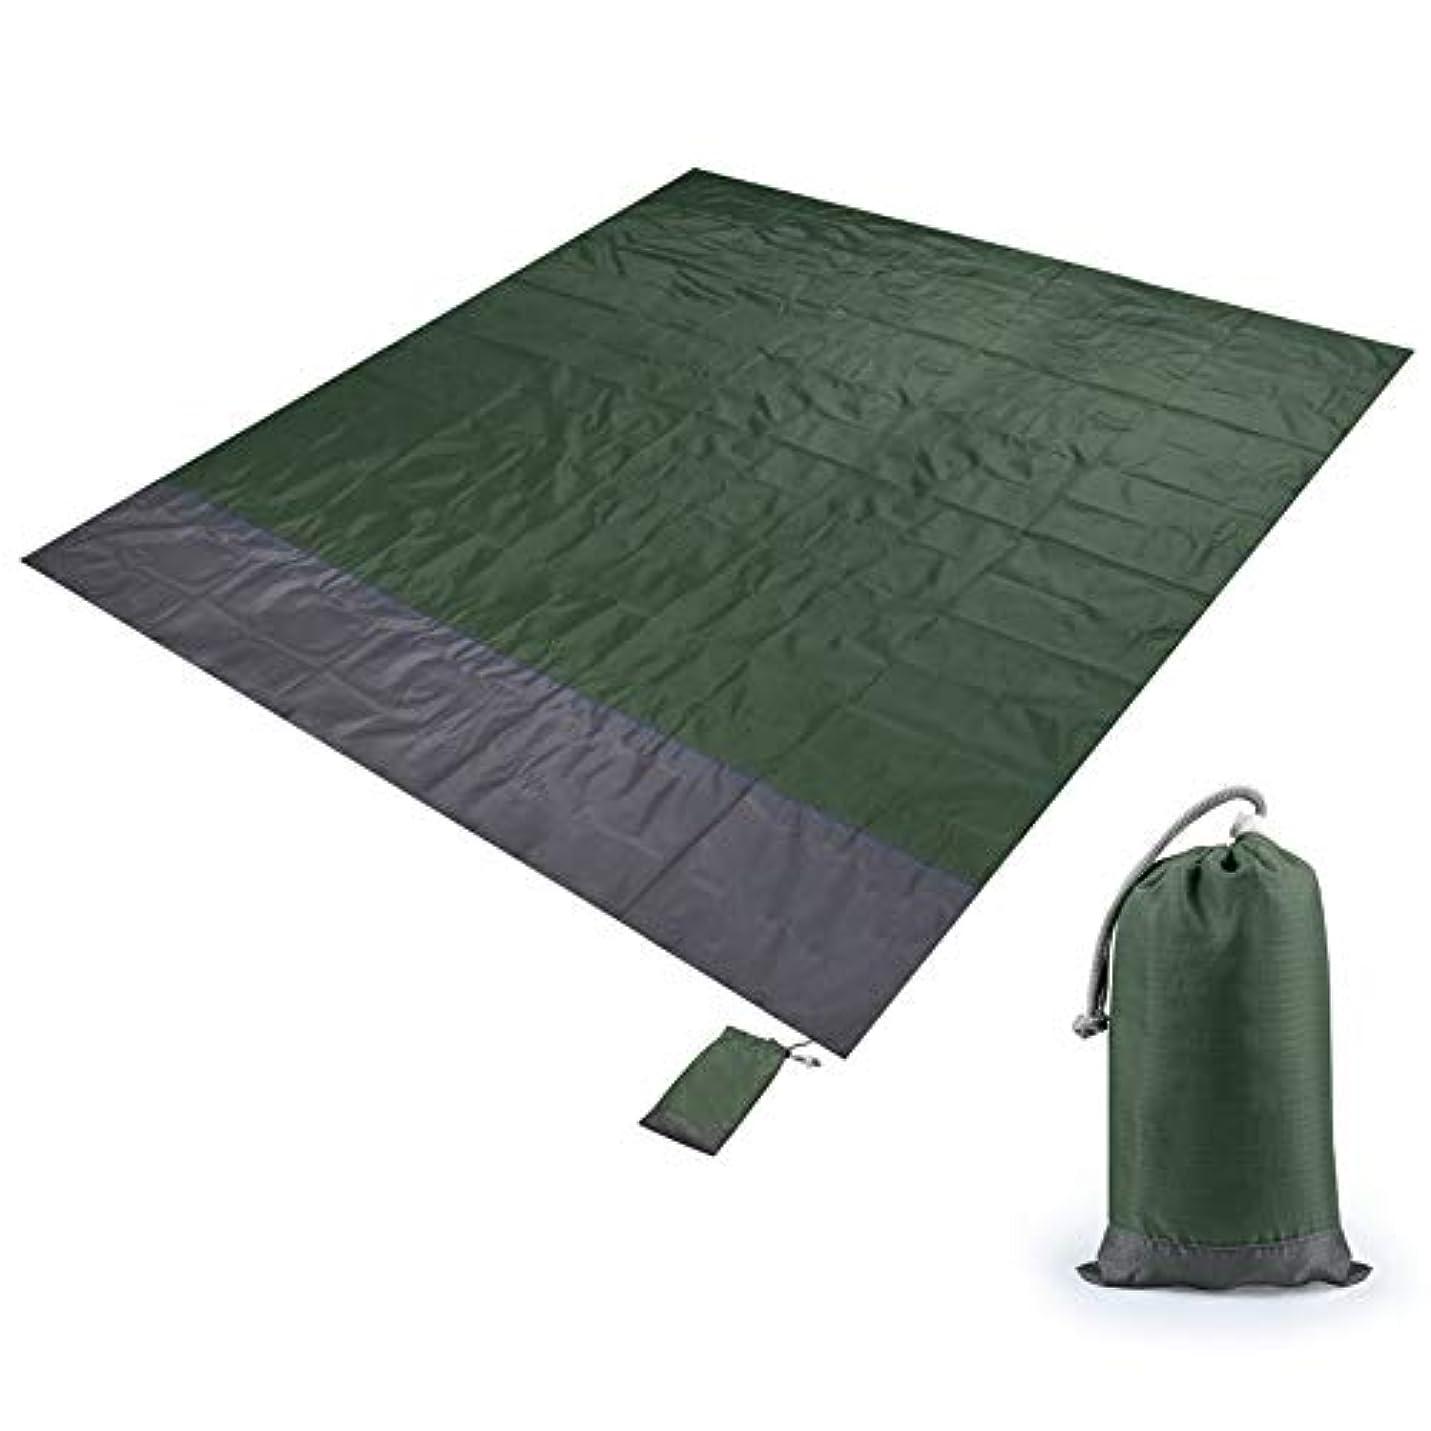 ジュラシックパークボトルネック頬骨屋外キャンプピクニックマット、防水ビーチ毛布、屋外ポータブルピクニックマットキャンプマットマットレス(200 * 210センチ)